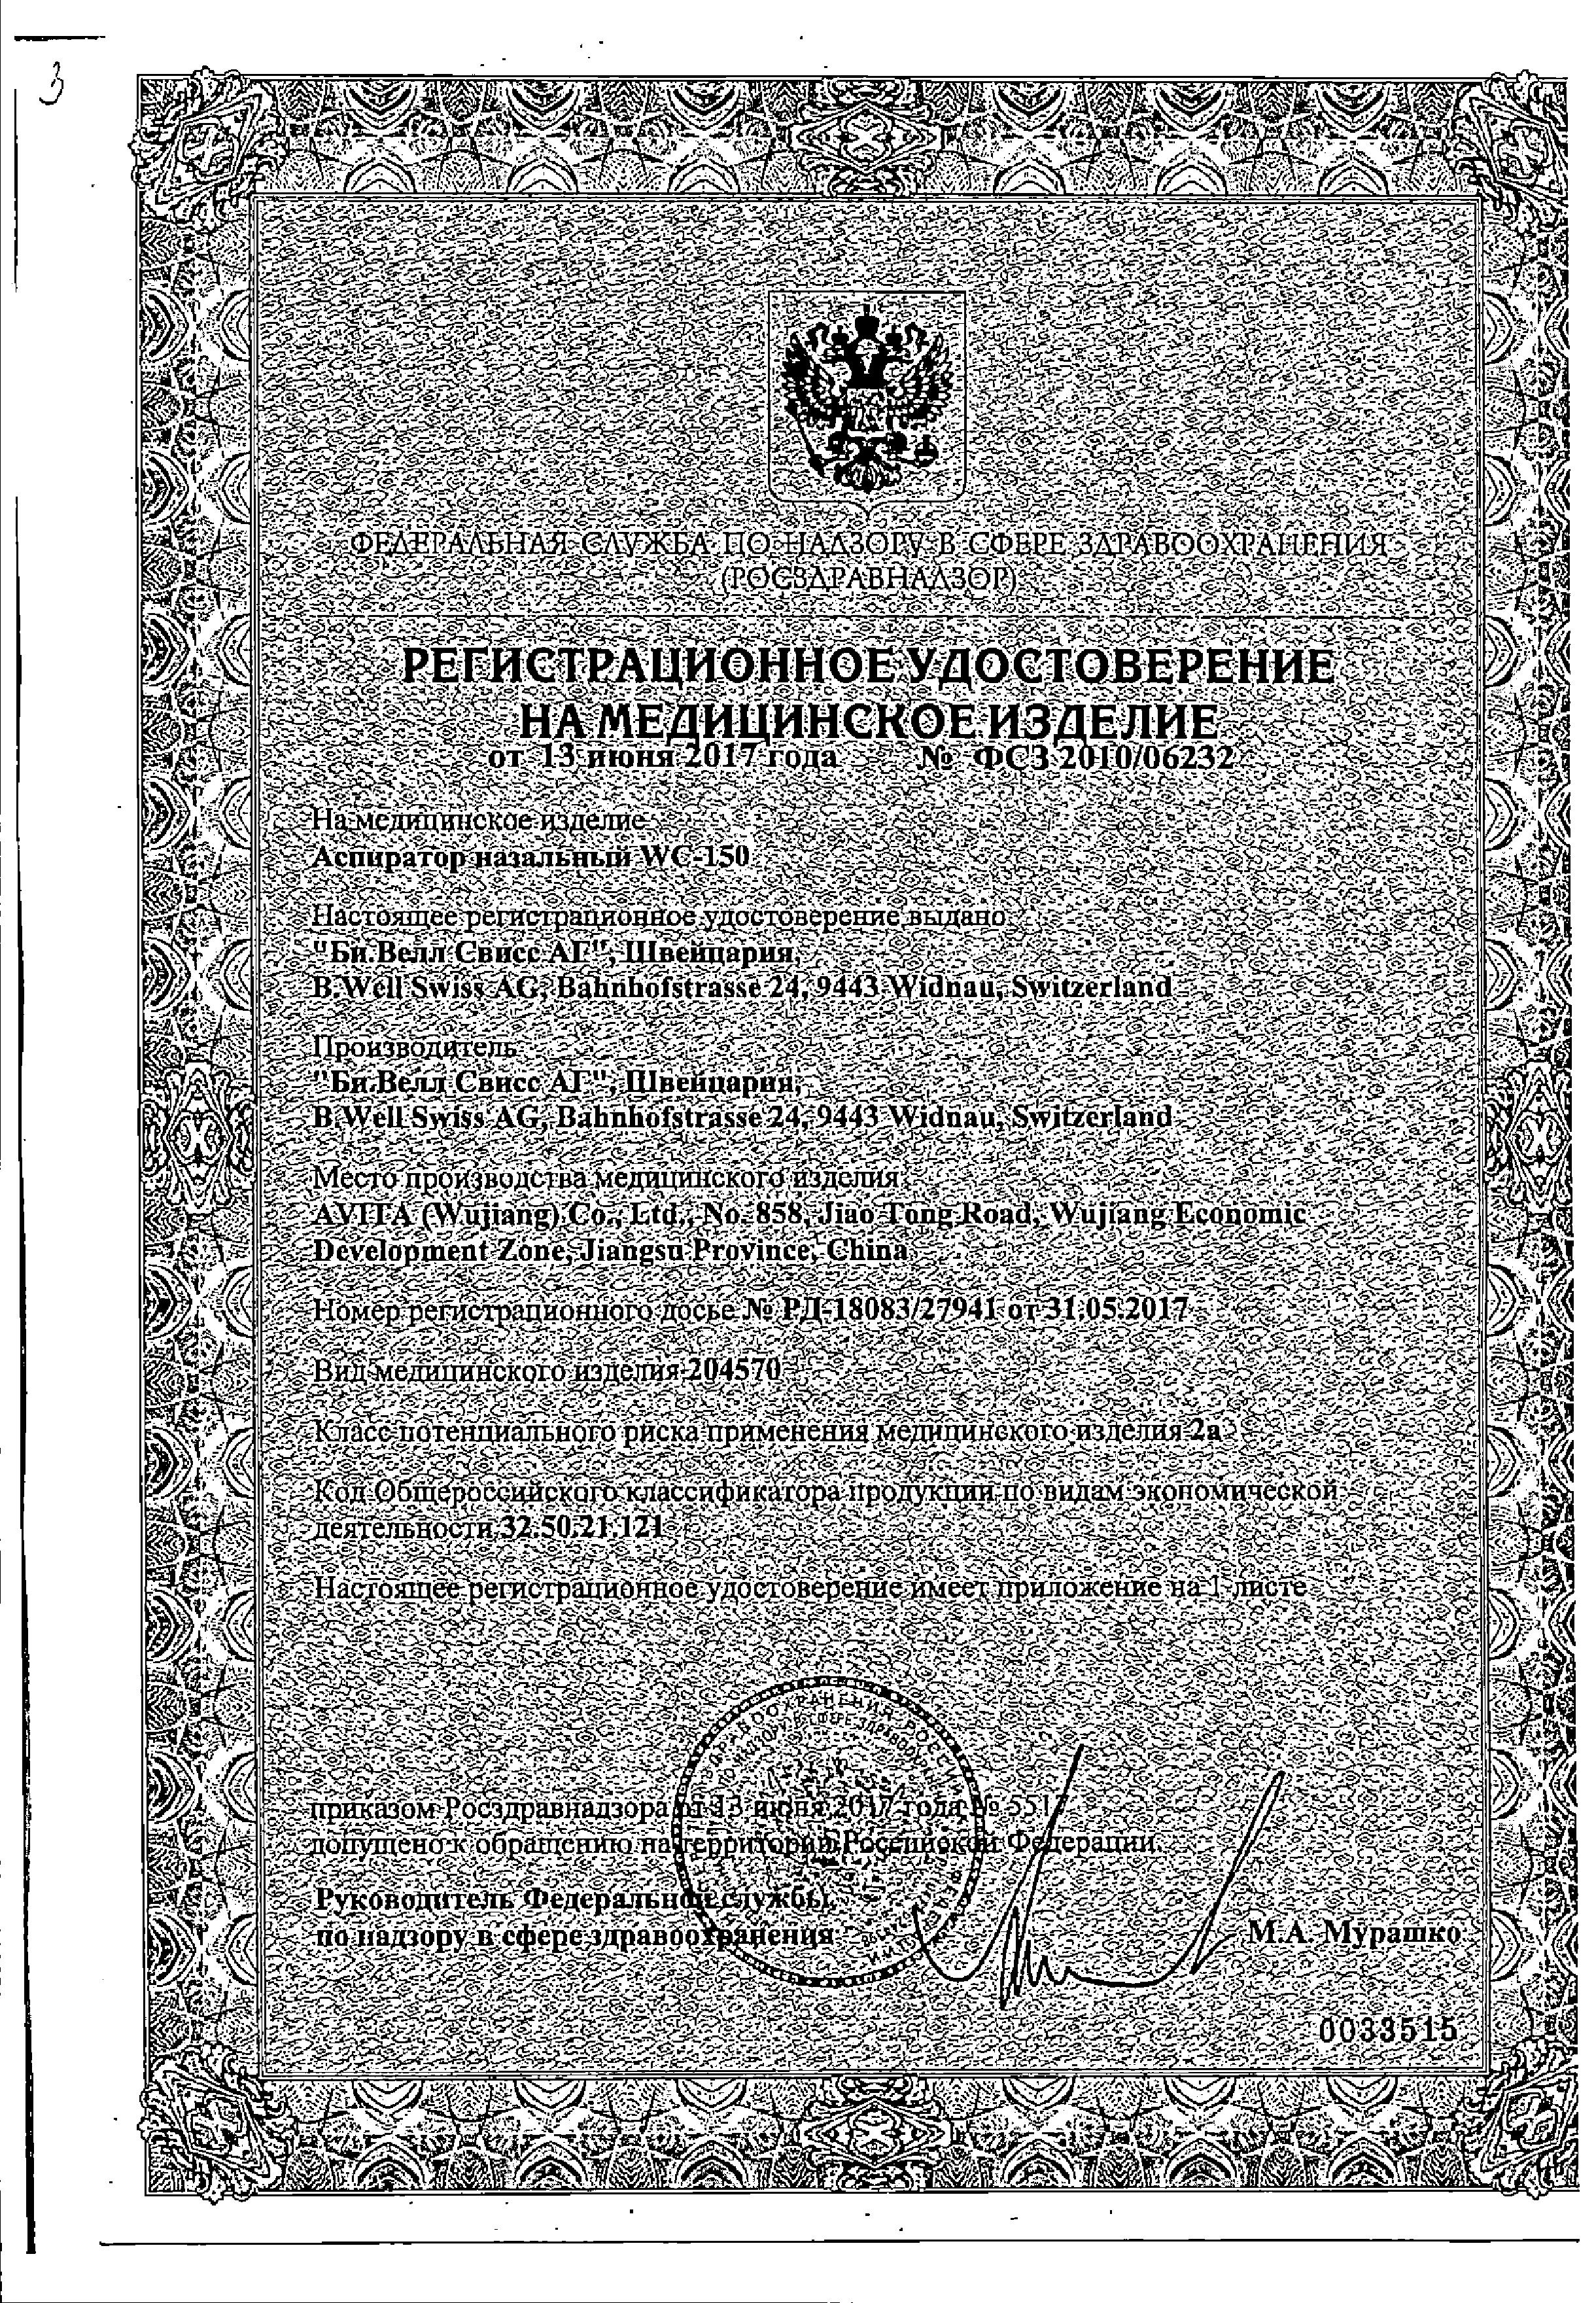 Аспиратор назальный WC-150 сертификат